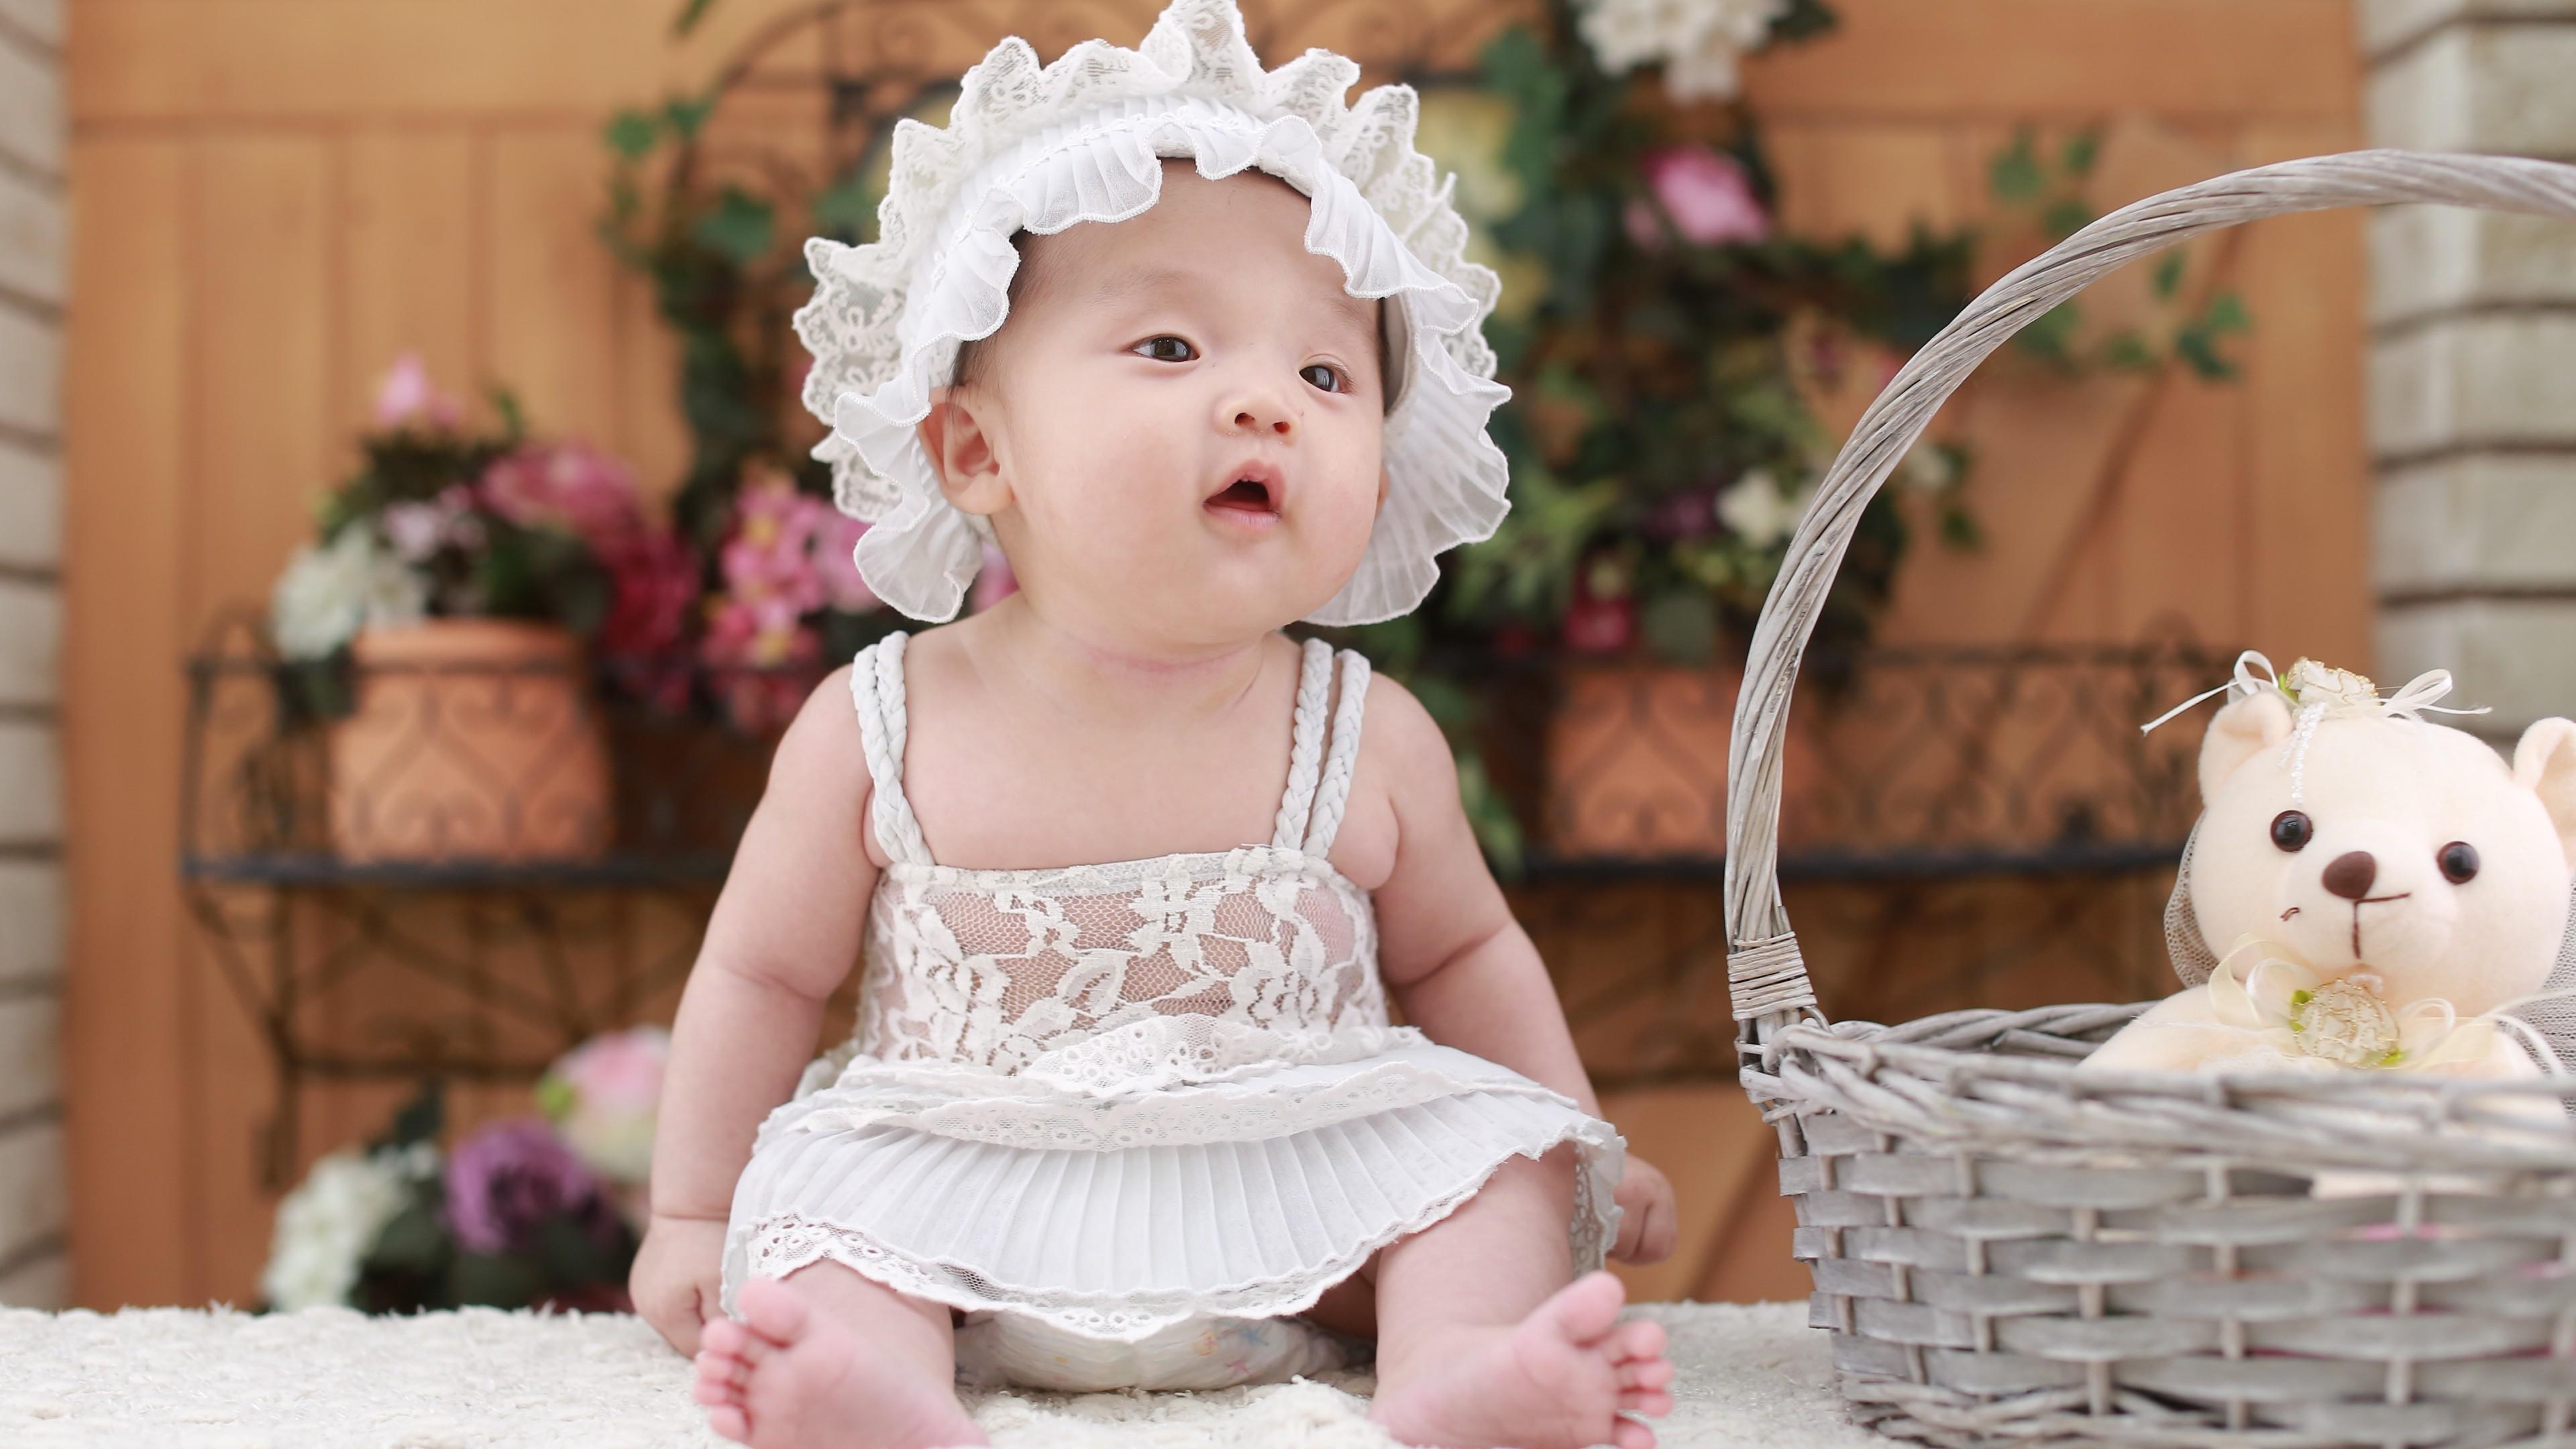 Малышка с пухлыми щечками,открытым ртом и удивленным взглядом